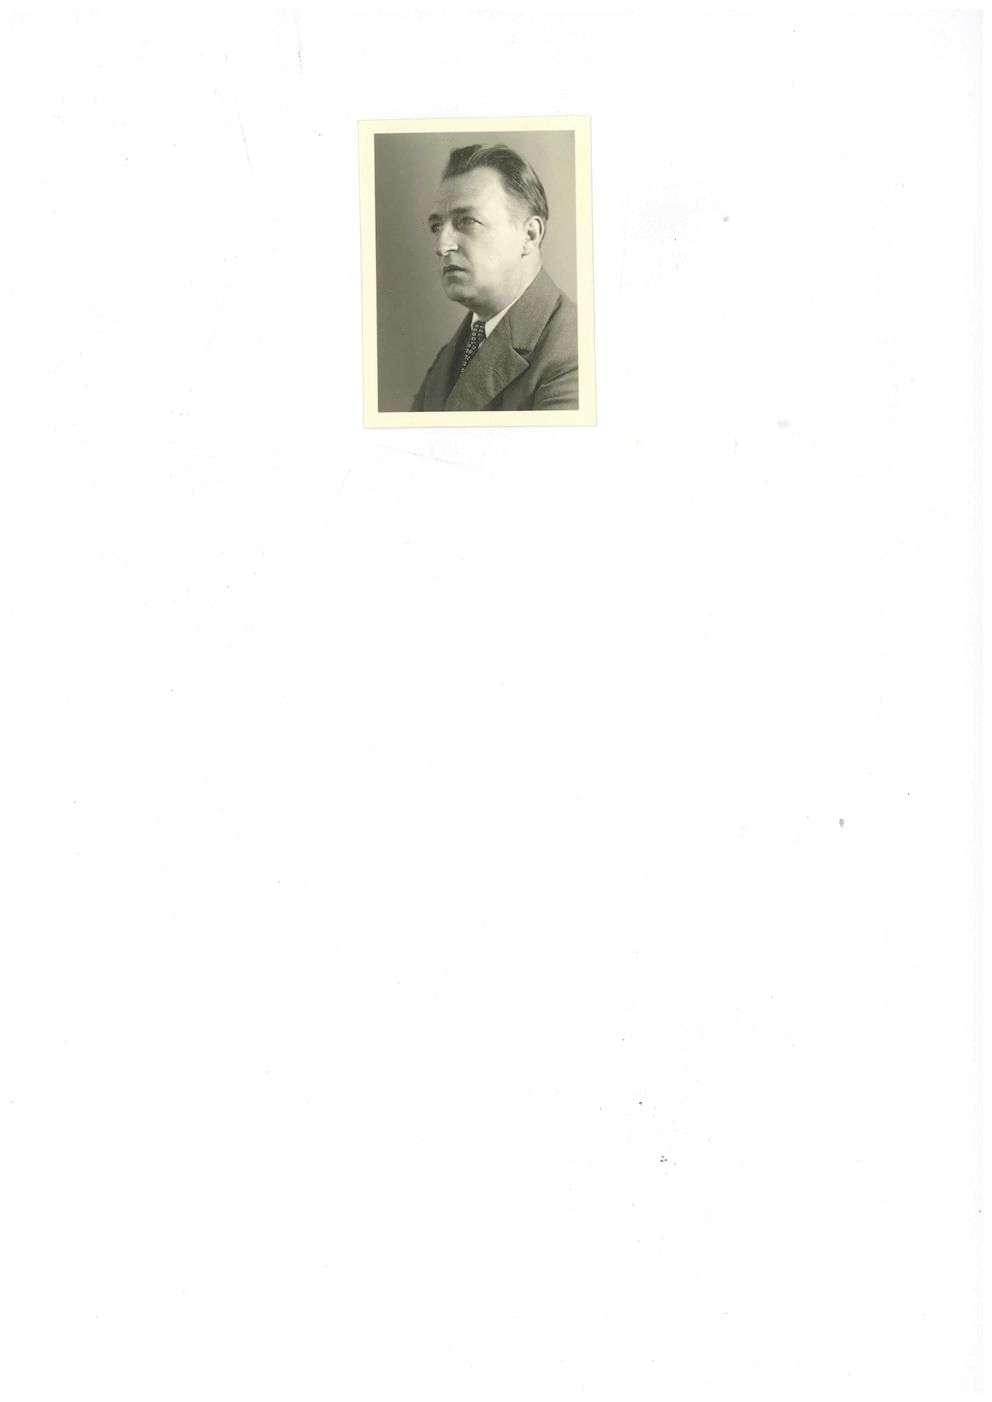 Baader, Emil, Bild 1